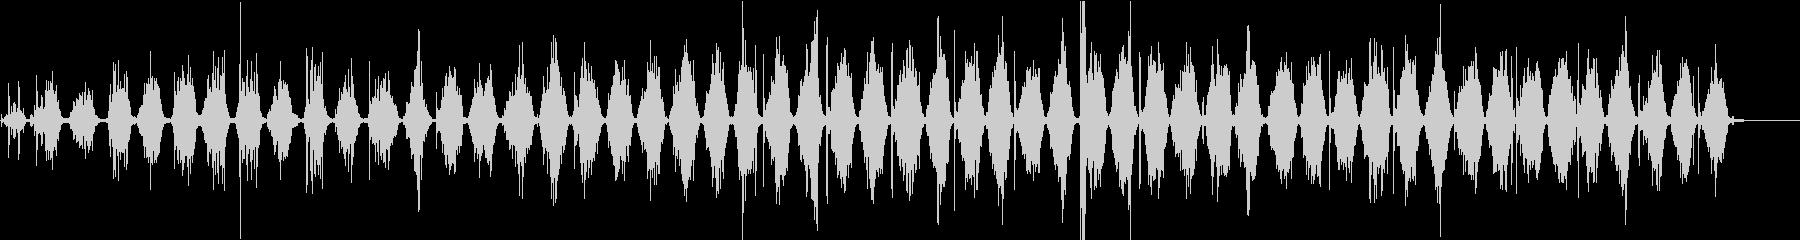 【生録音】ノコギリで物を切る音 1の未再生の波形